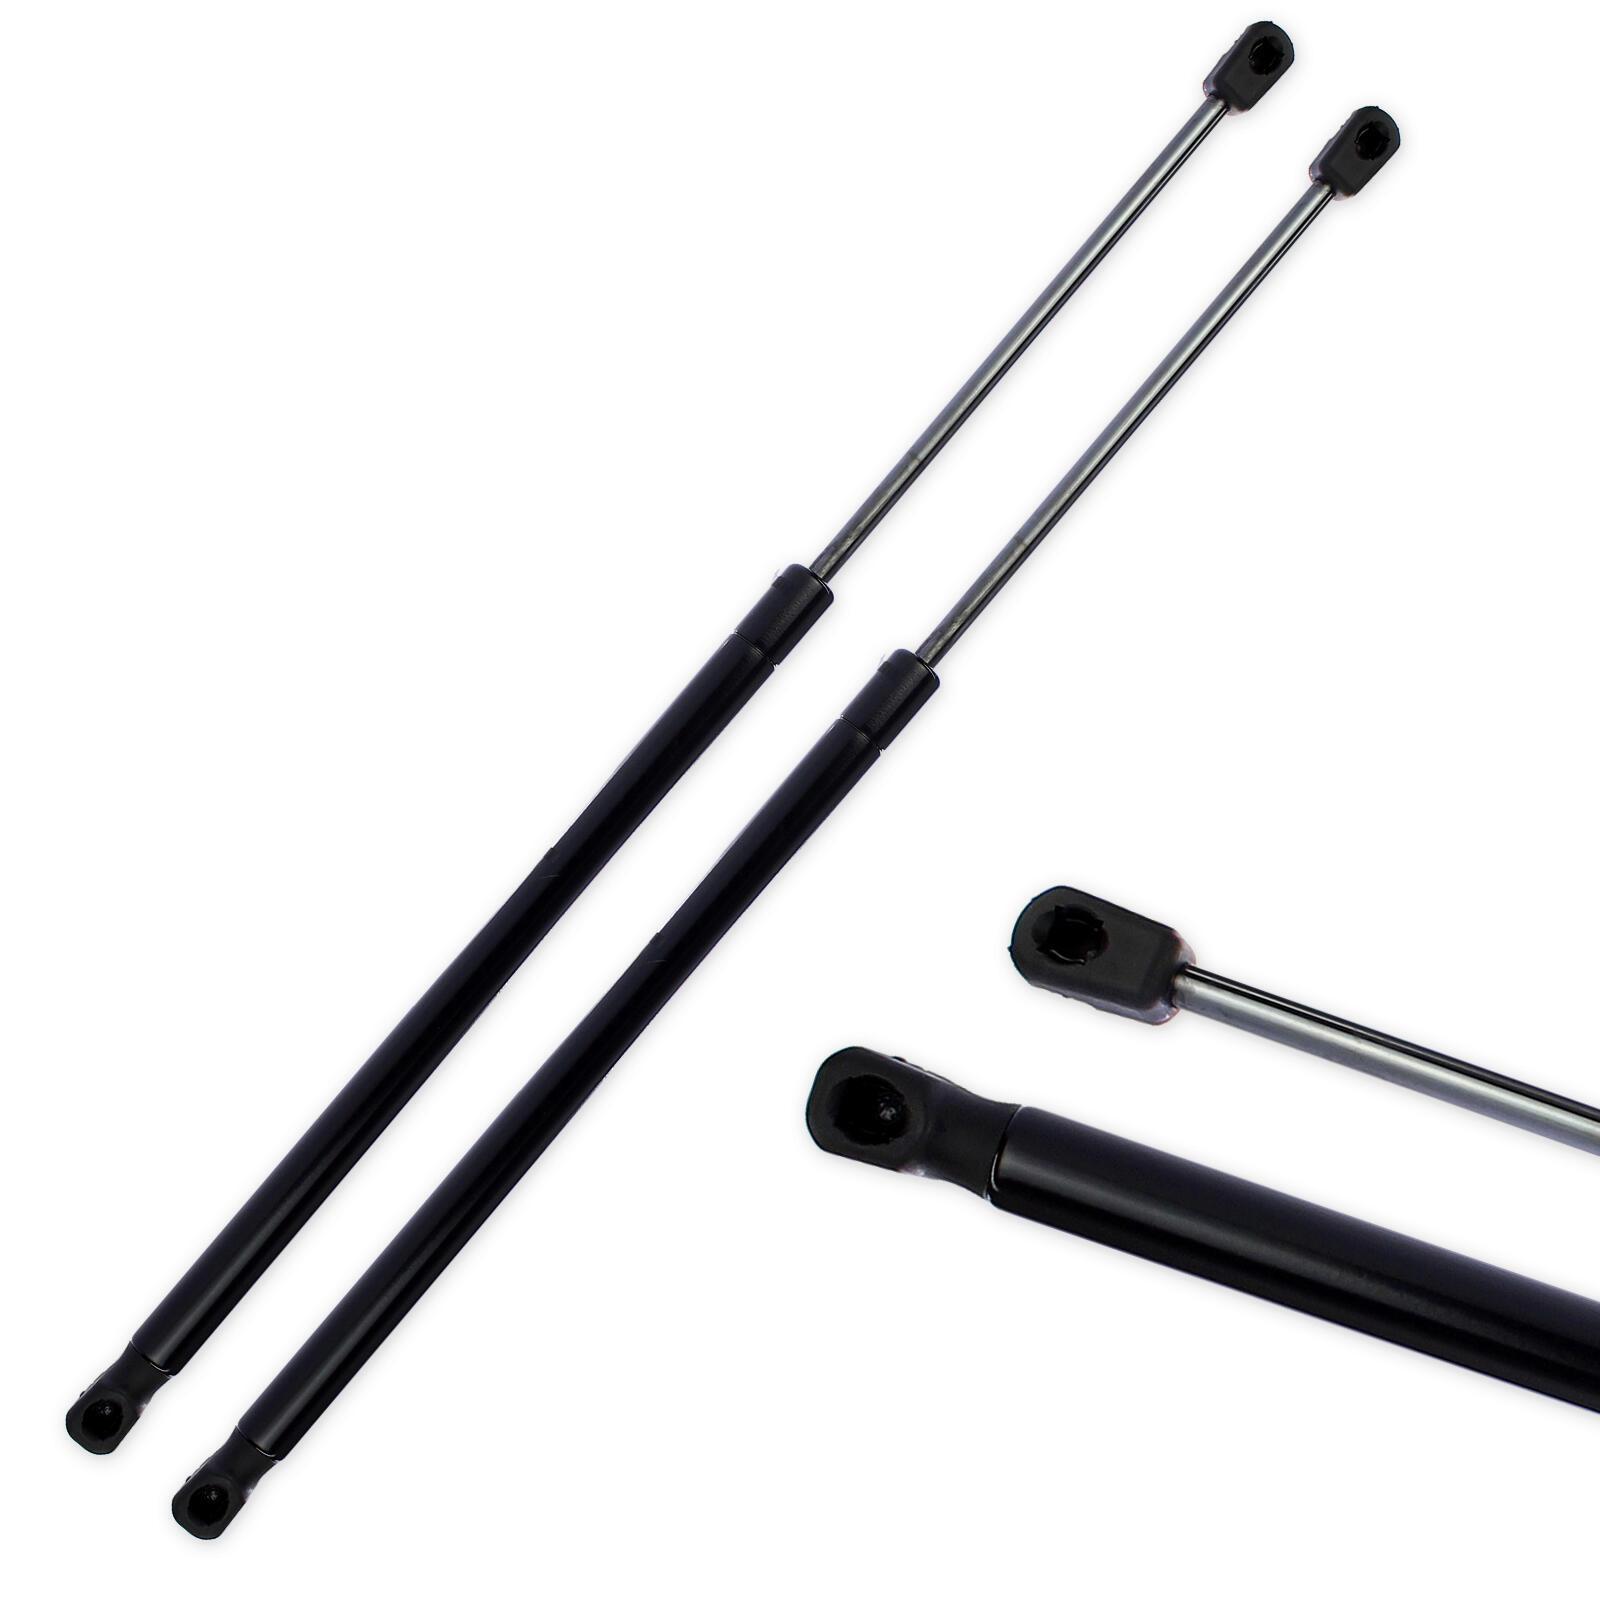 2 x GASFEDER